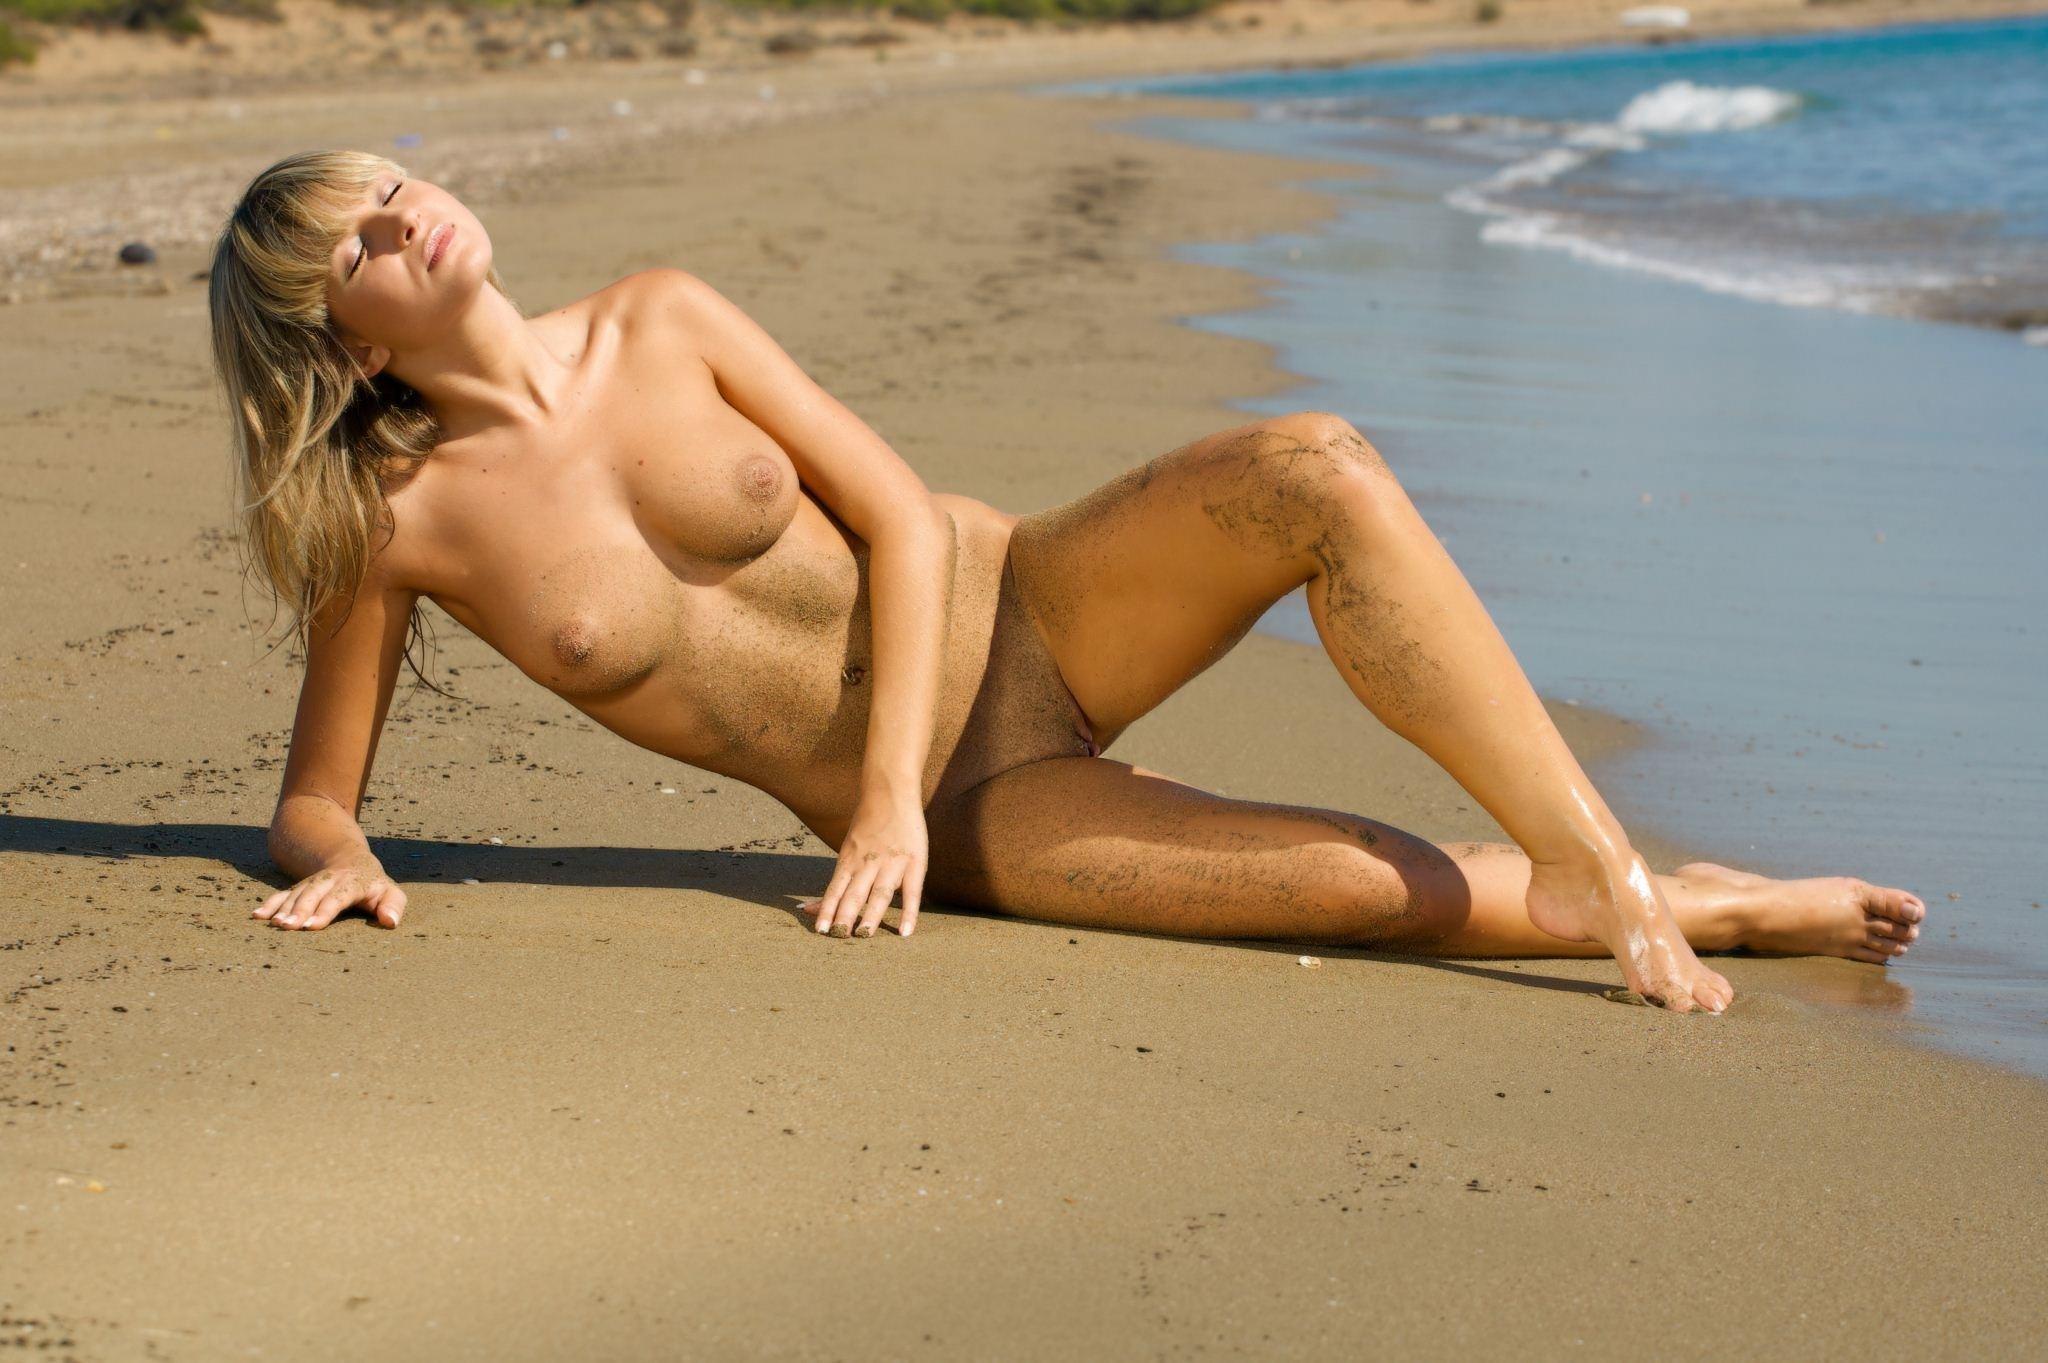 Фото Обнаженная блондинка на мокром песке, море, пляж, мокрые ножки в песочке, скачать картинку бесплатно